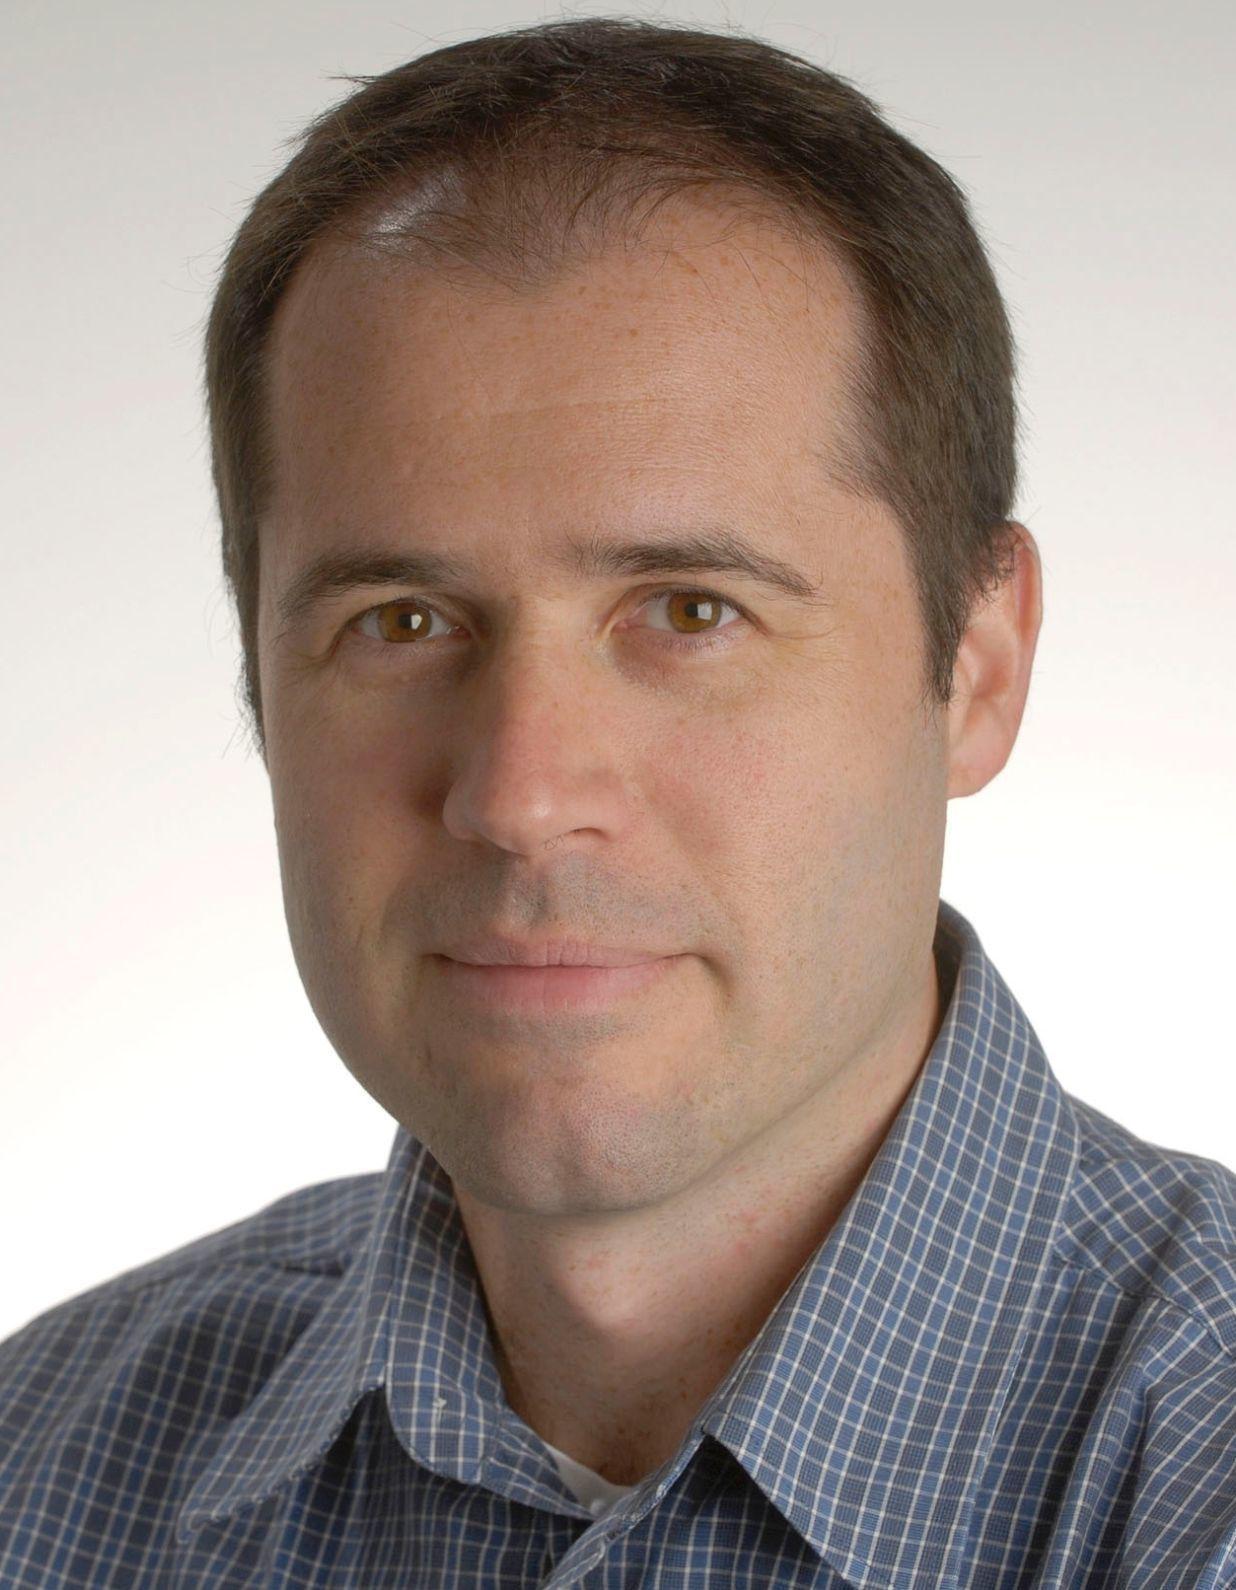 Thorsten Hof